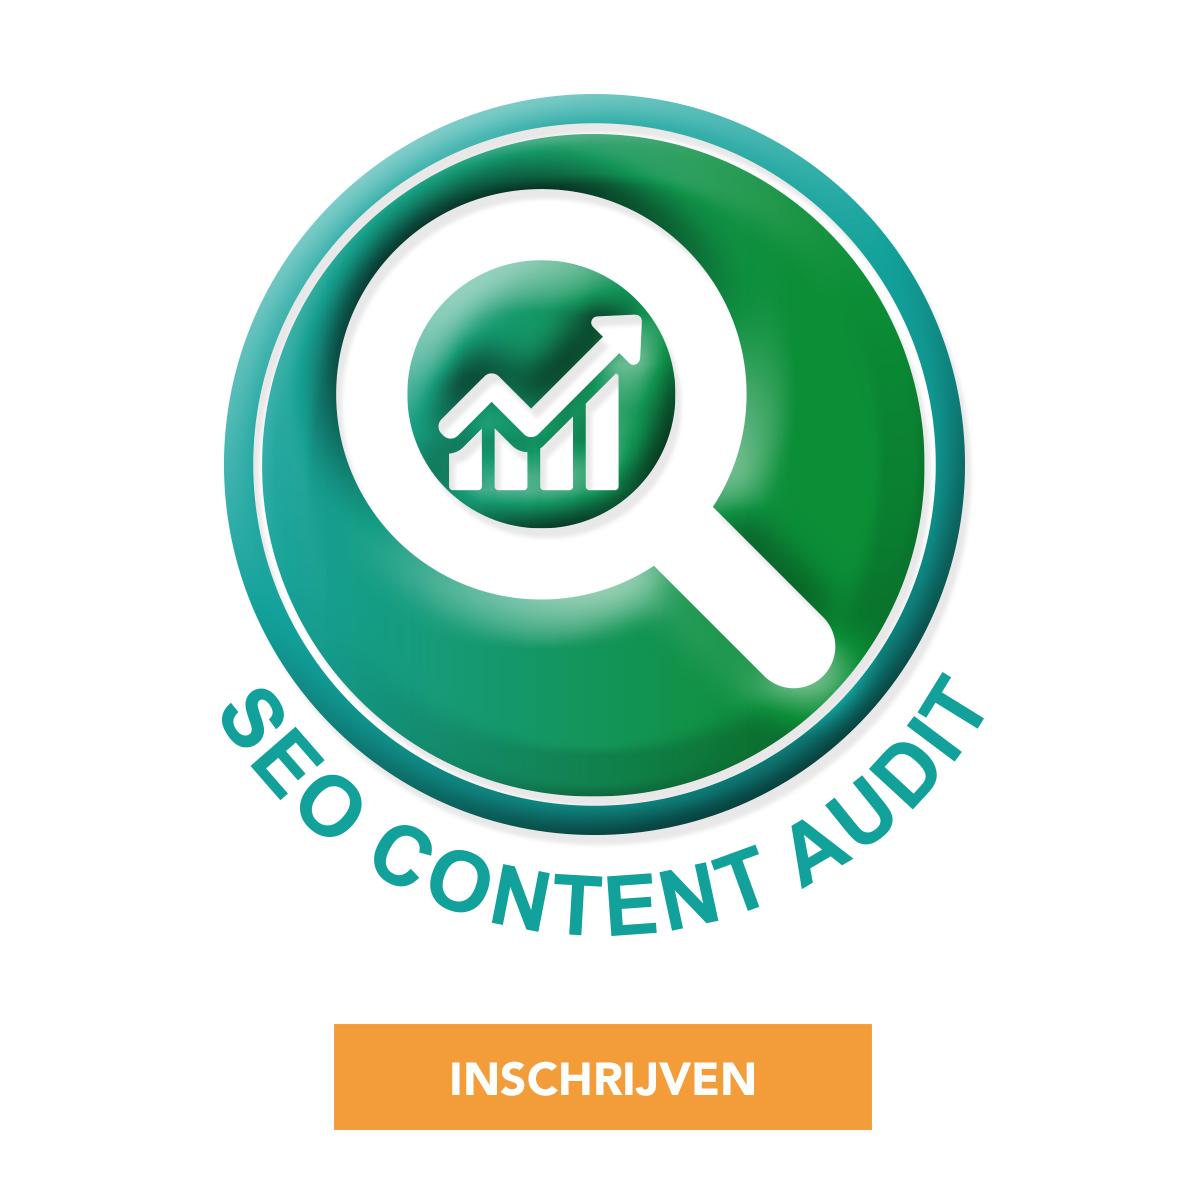 seo-check en seo content analyse laten uitvoeren?